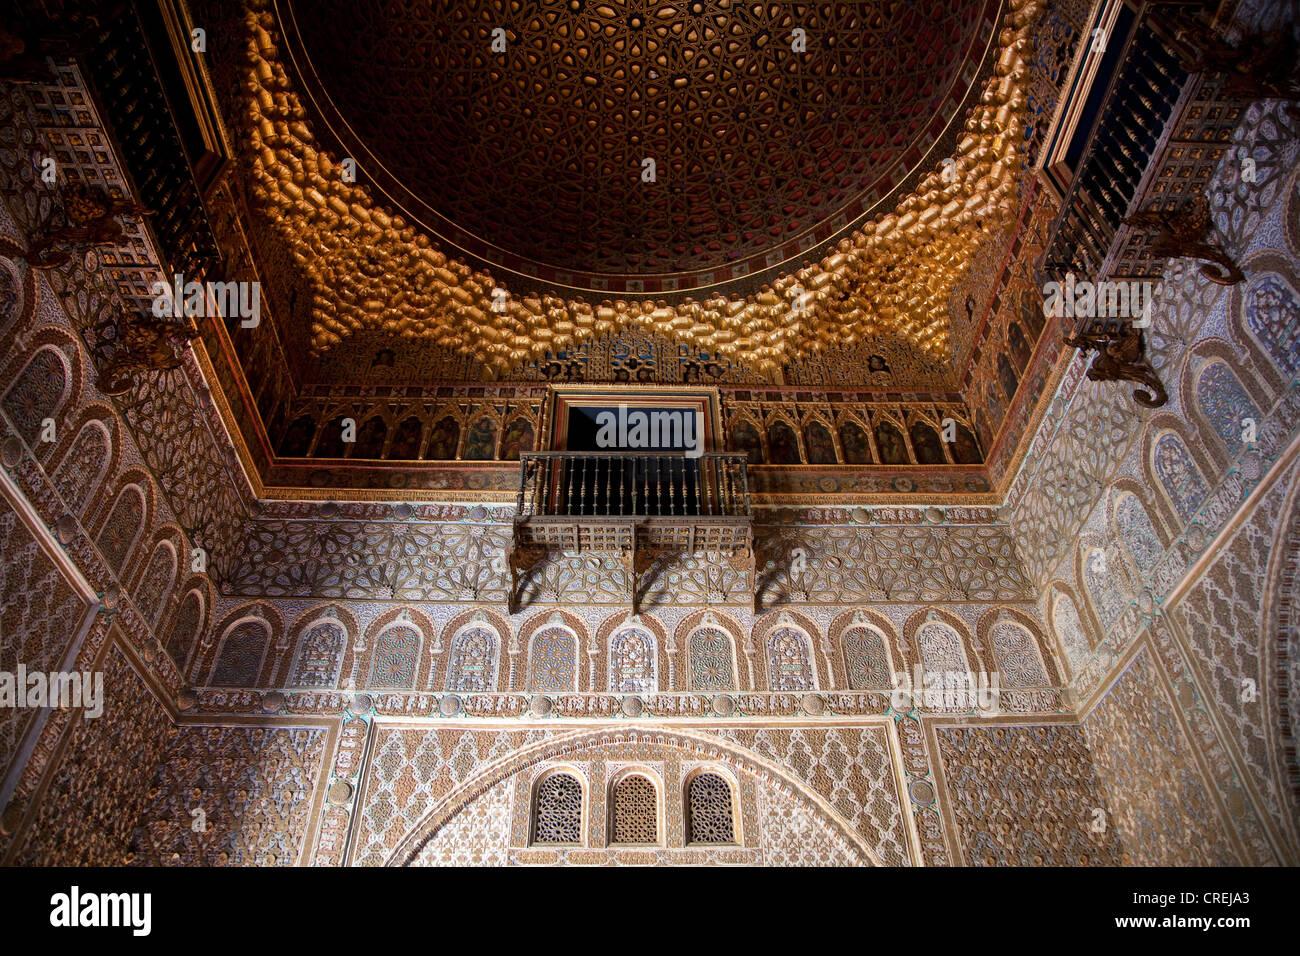 Sala de los Embajadores, Ambassador Room in the Moorish King's Palace of Real Alcazar, UNESCO World Heritage - Stock Image